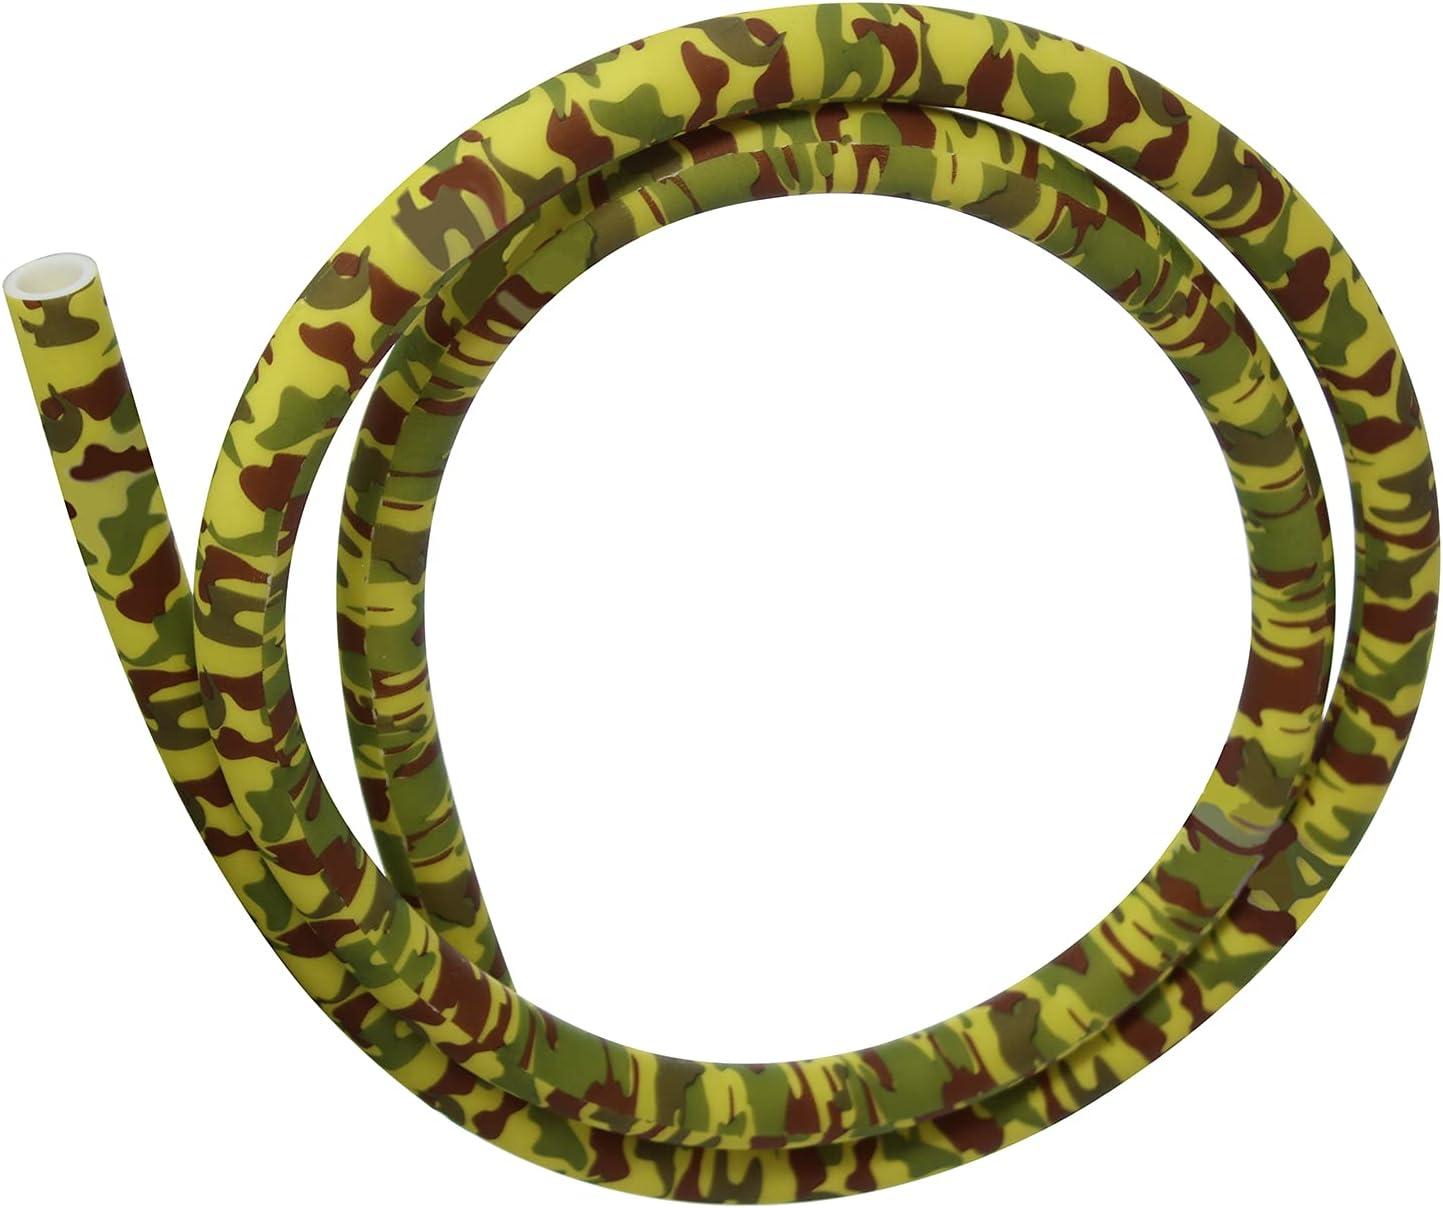 Manguera de silicona con patrón de camuflaje, 150 cm, compatible con todos los adaptadores y boquillas para shisha (amarillo).